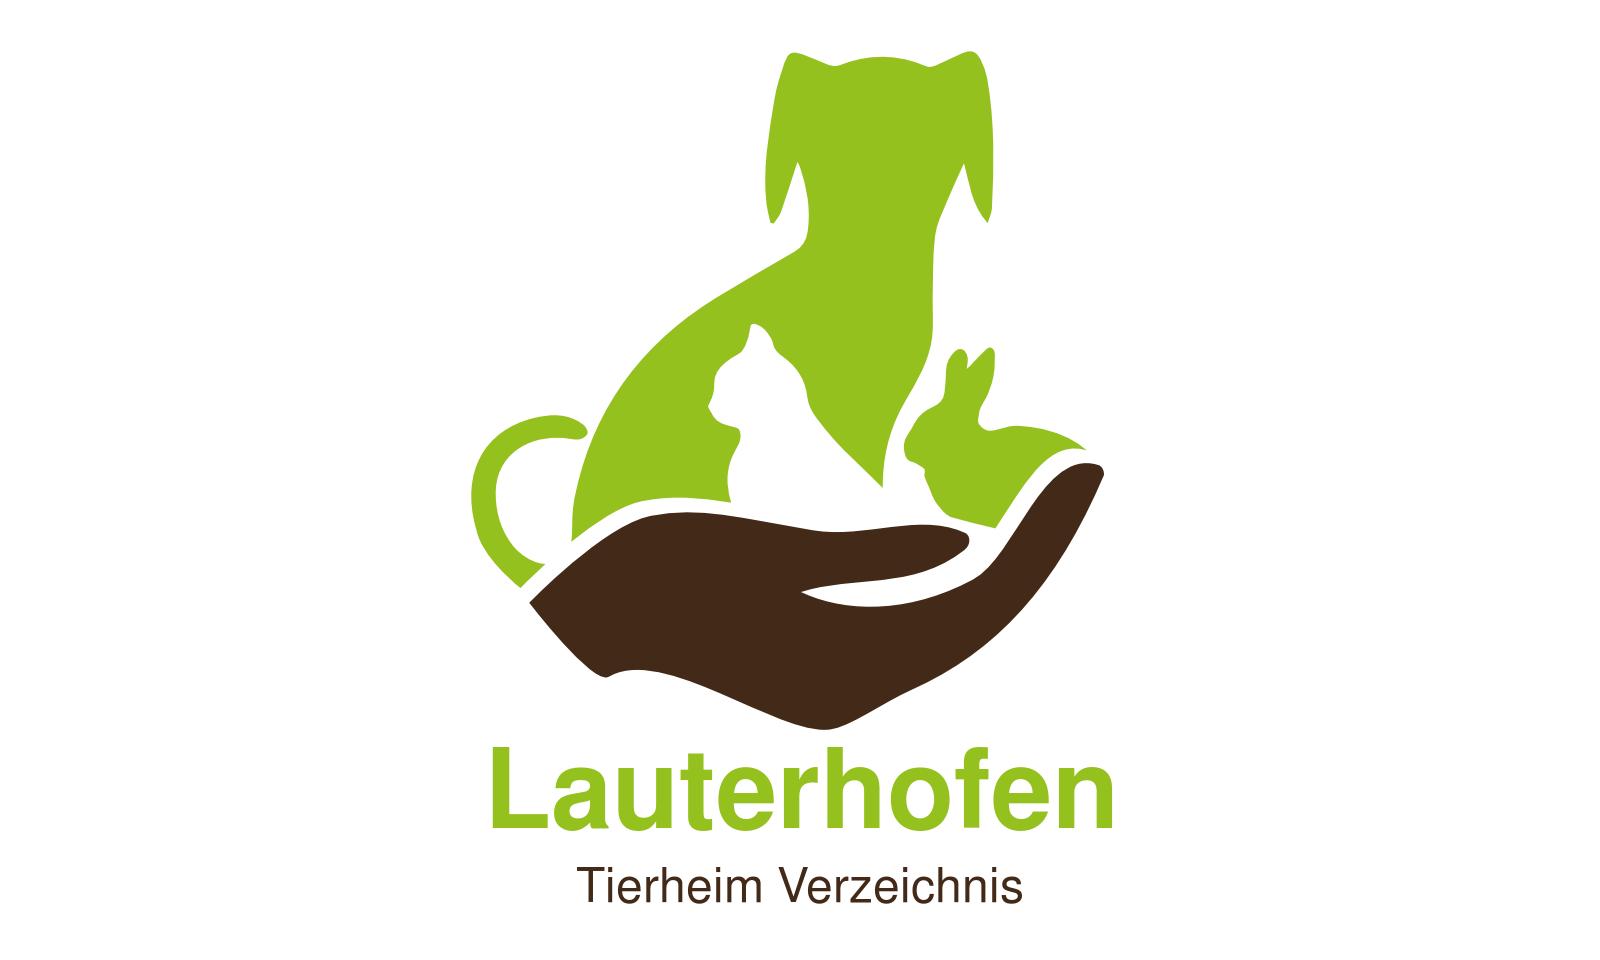 Tierheim Lauterhofen